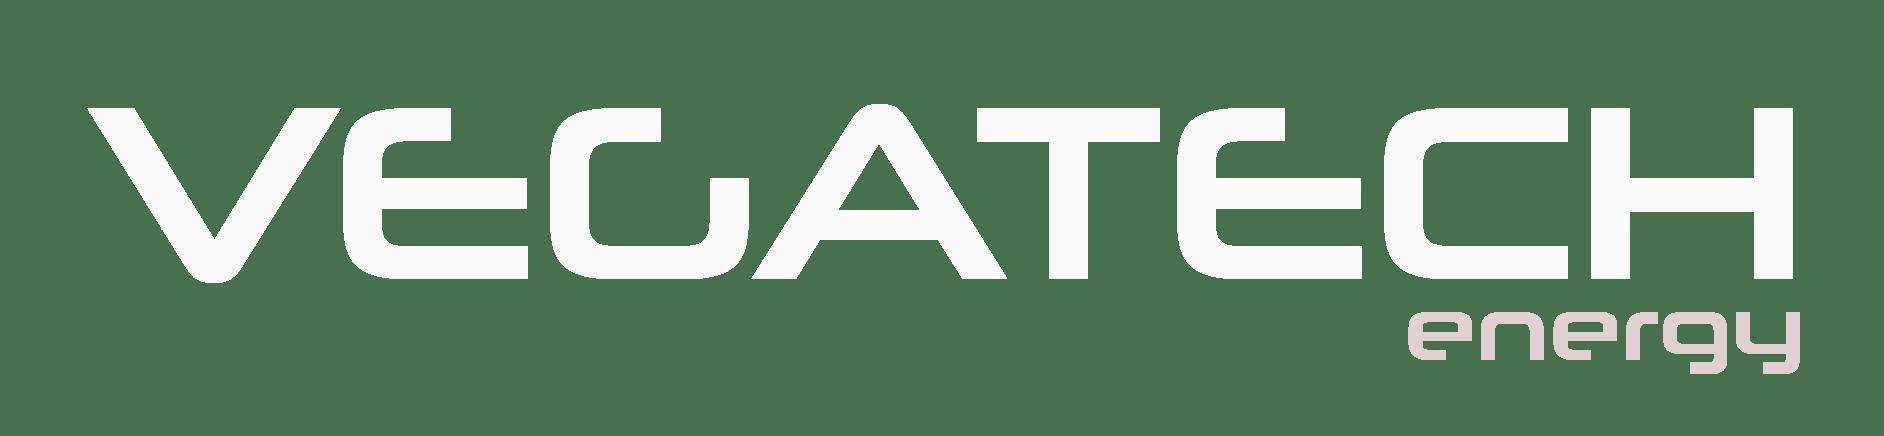 Vegatechenergy Logo